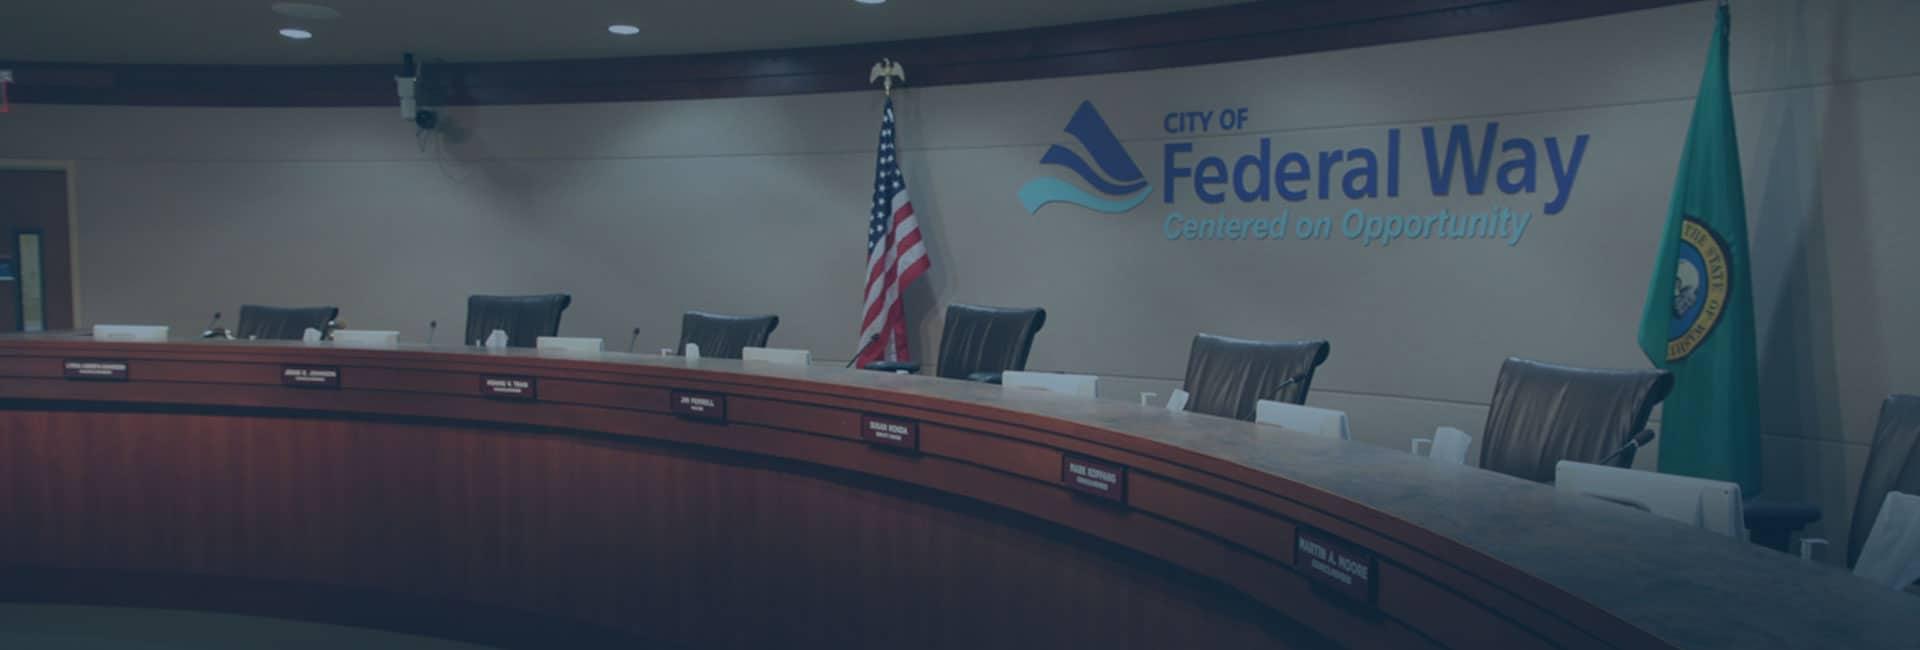 City of Federal Way, WA